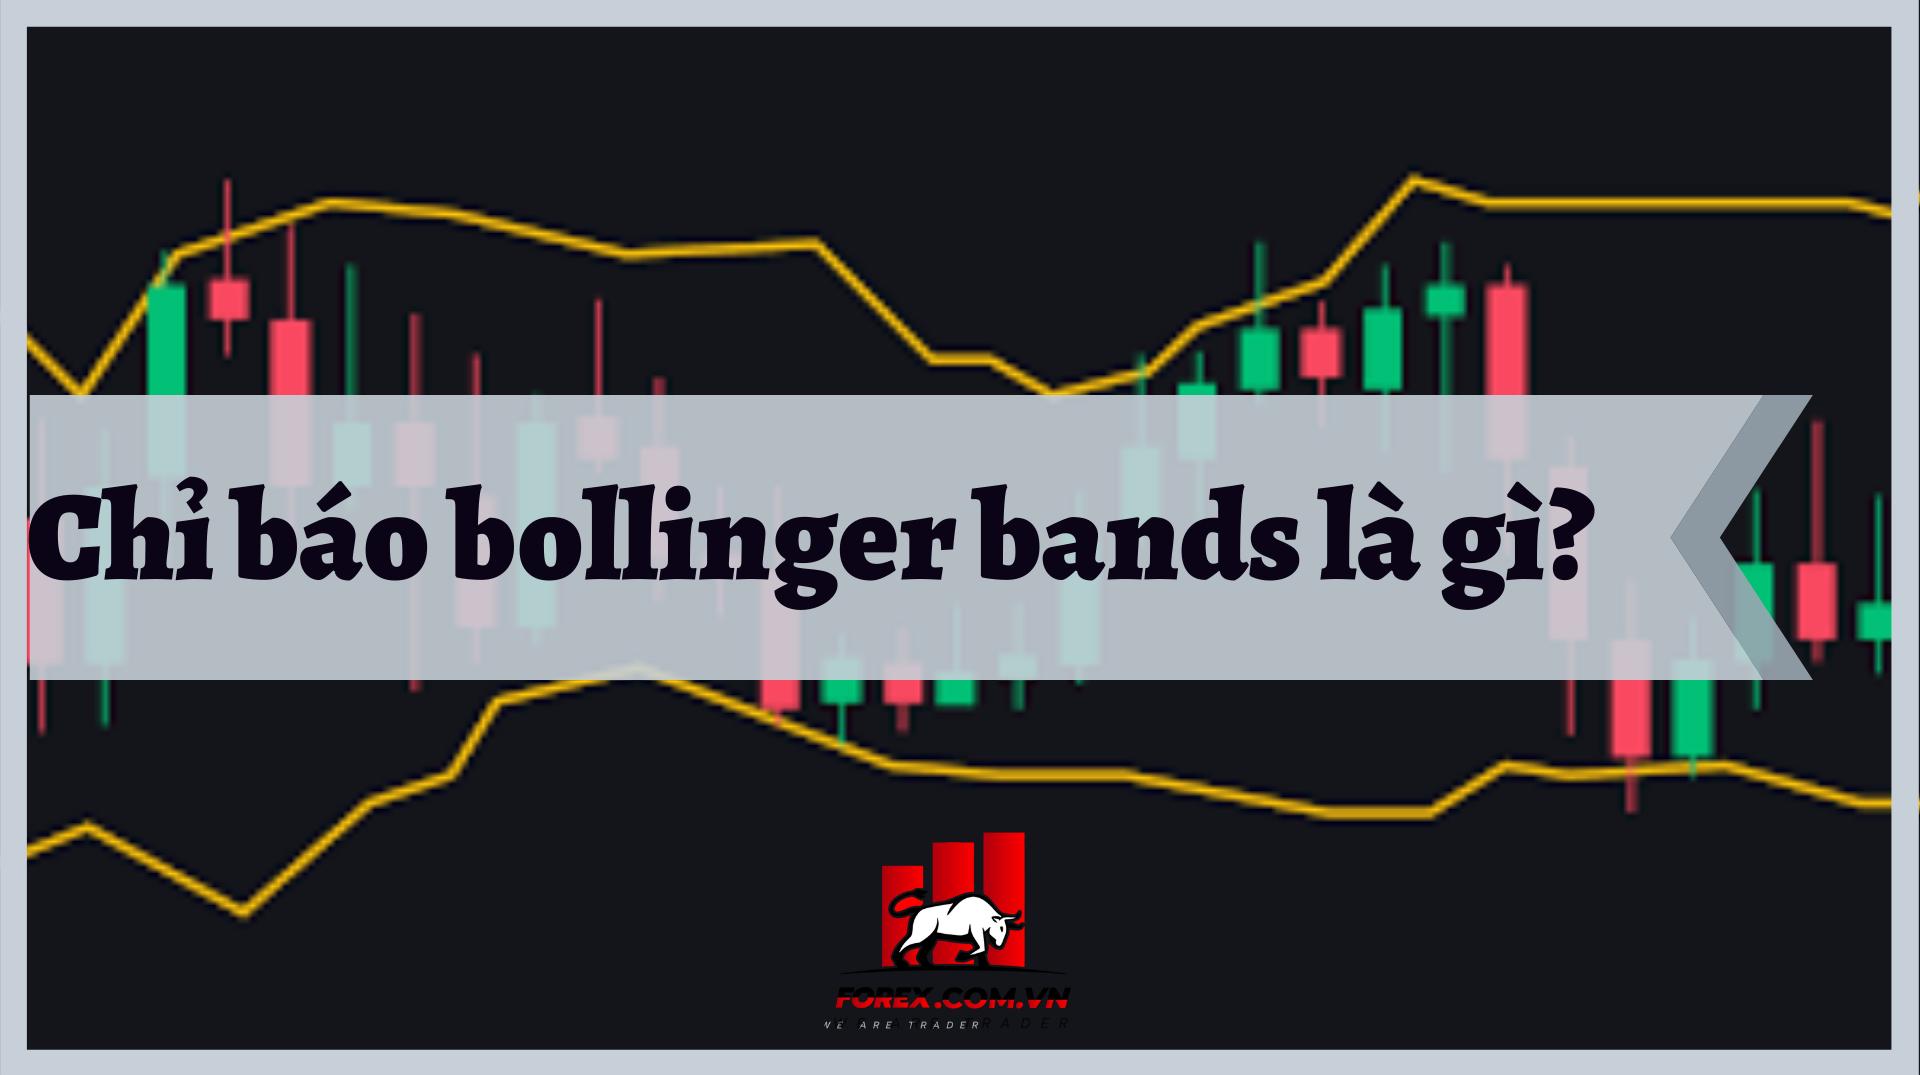 Chỉ Báo Bollinger Bands Là Gì